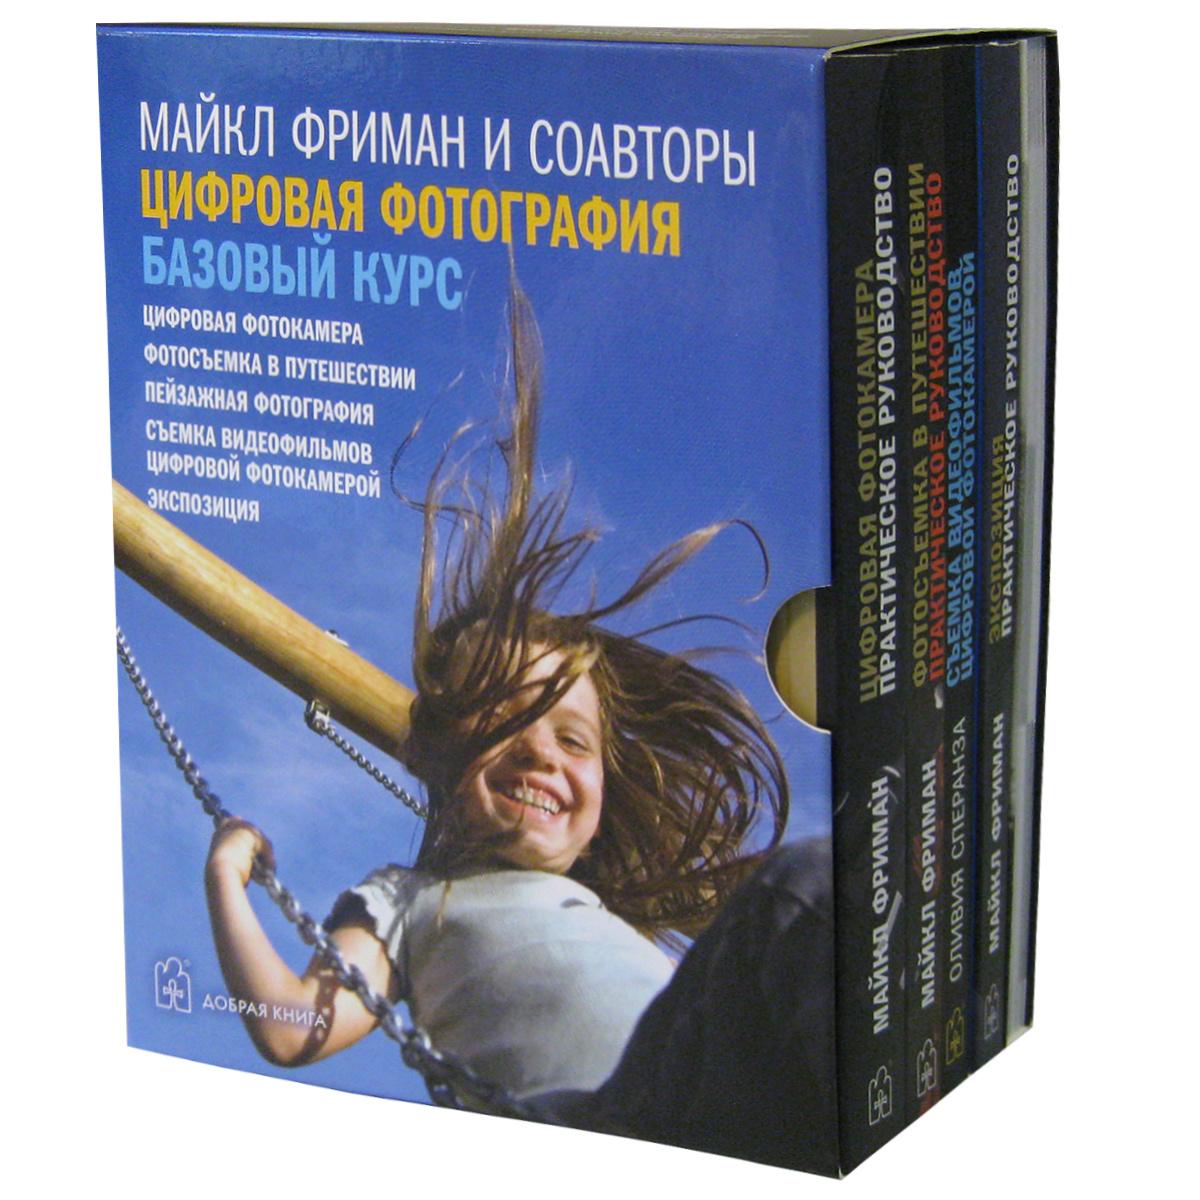 Цифровая фотография. Практическое руководство. Базовый курс (комплект из 5 книг) | Фриман Майкл, Хейлмен #1